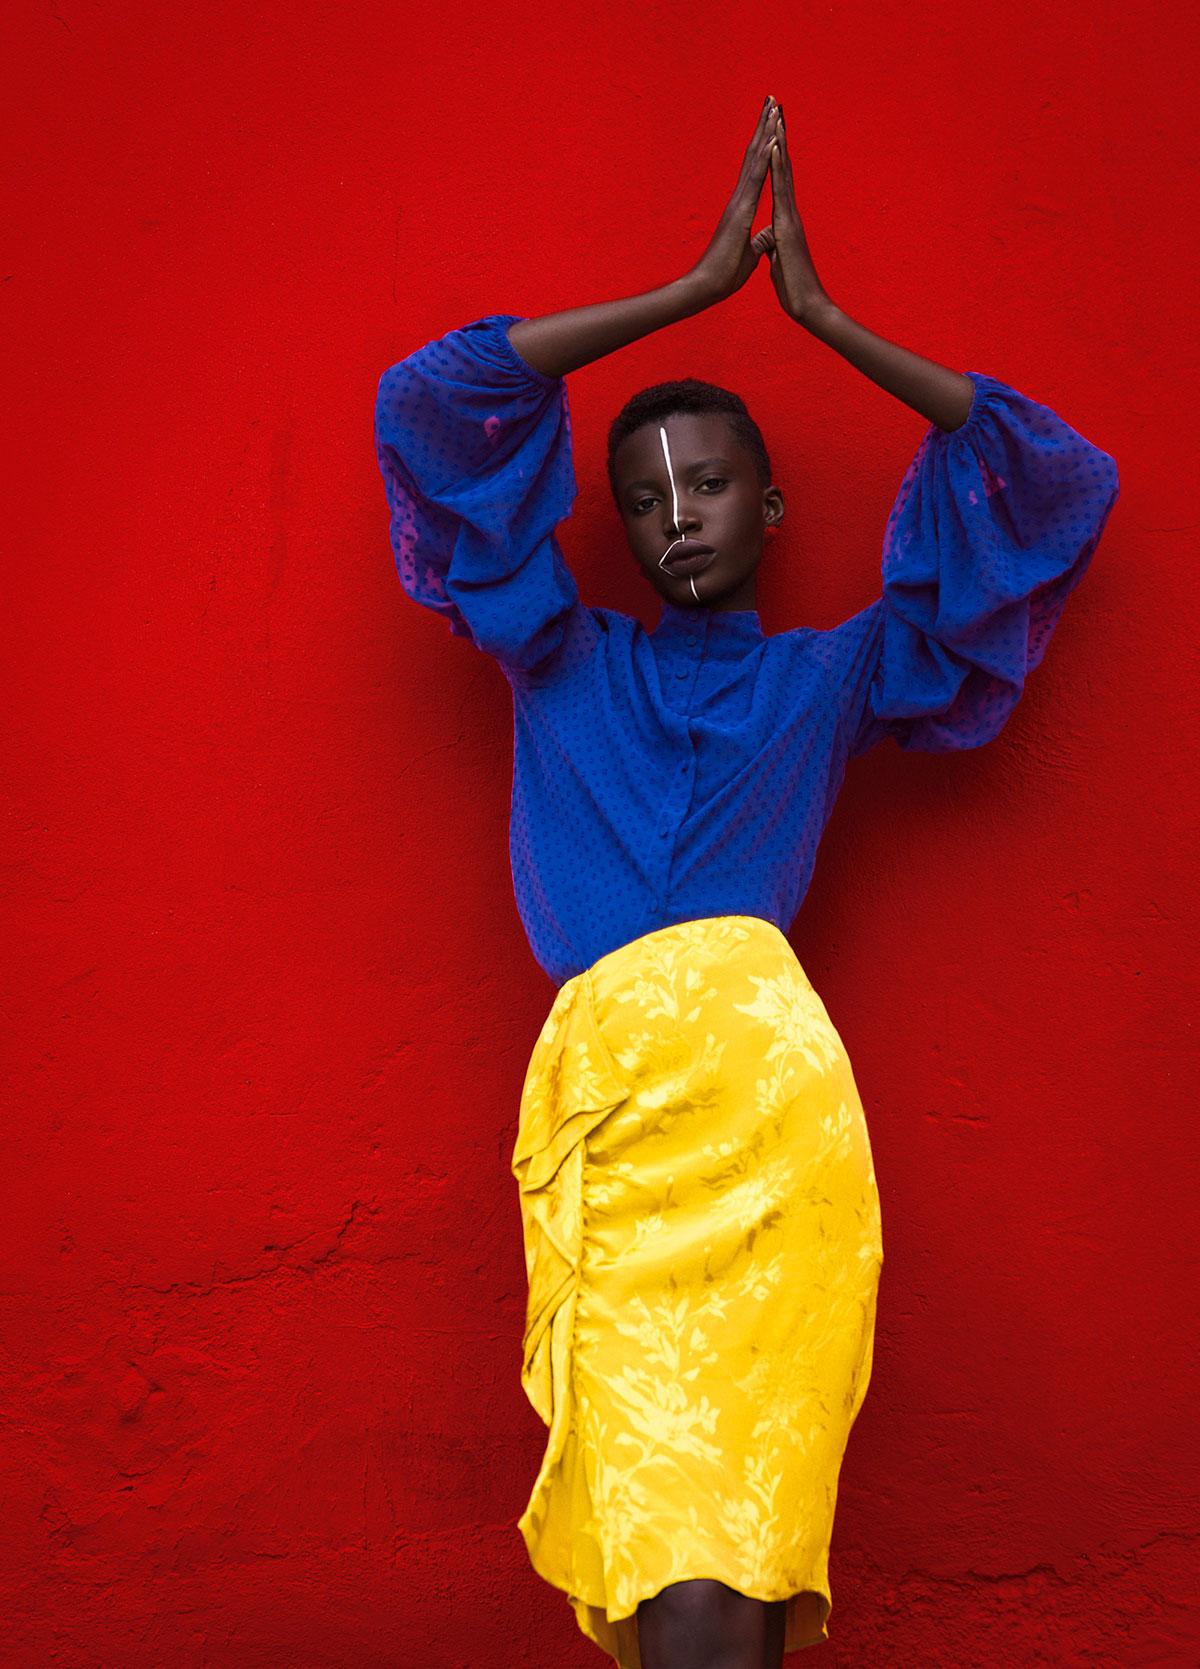 Πορτρέτο της γυναίκας με κίτρινη φούστα και μπλε μπλούζα μπροστά από το κόκκινο τοίχο.